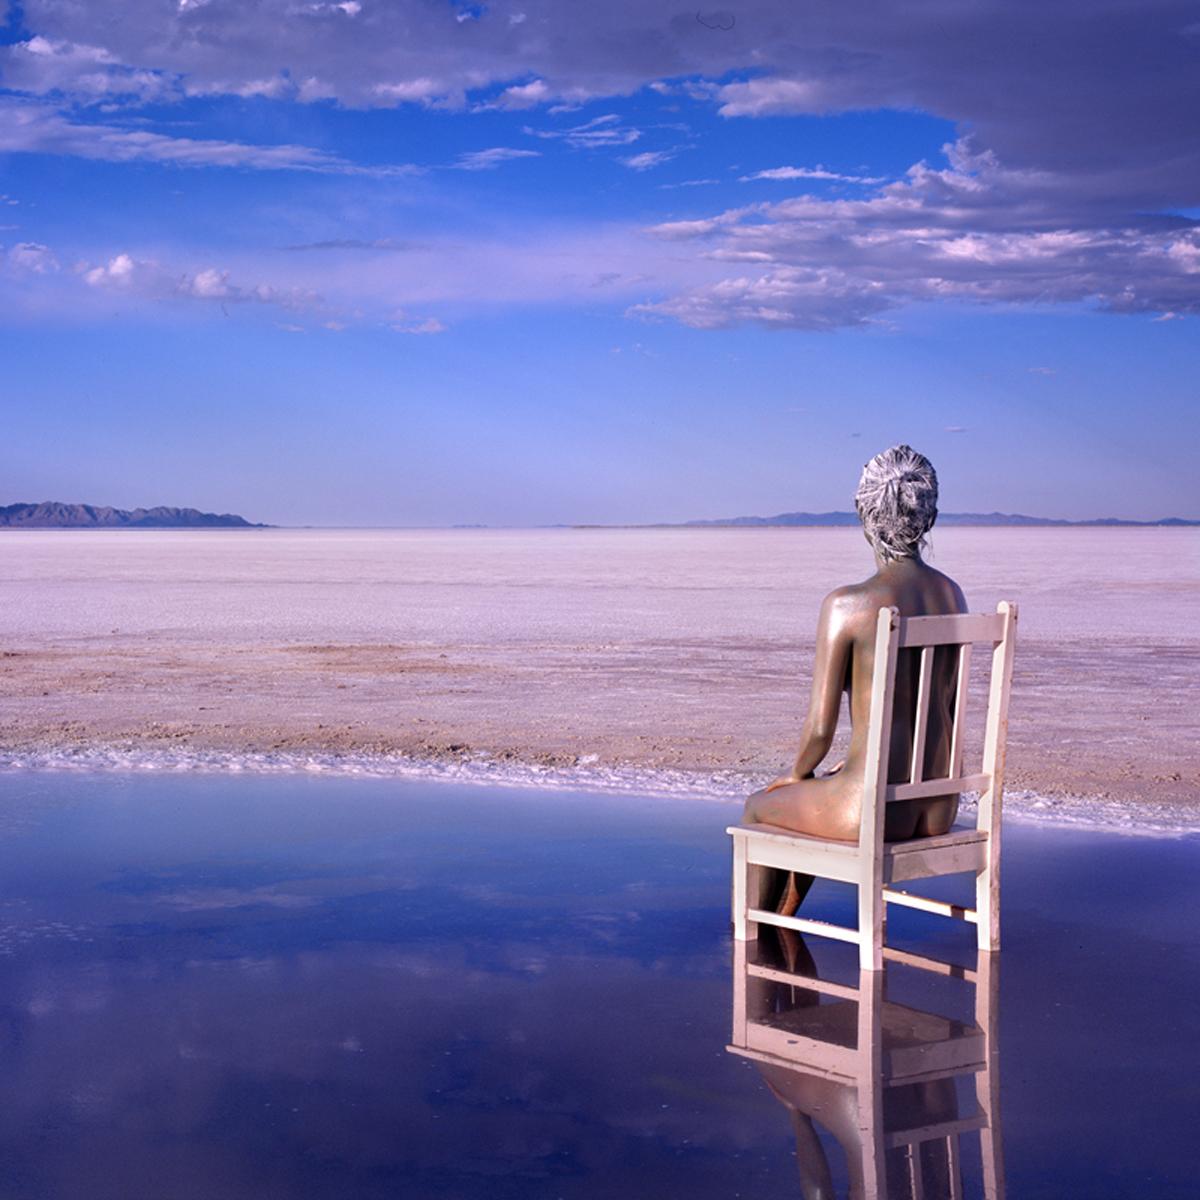 leap-into-the-blue-jean-paul-bourdier-photography-gessato-gblog-20